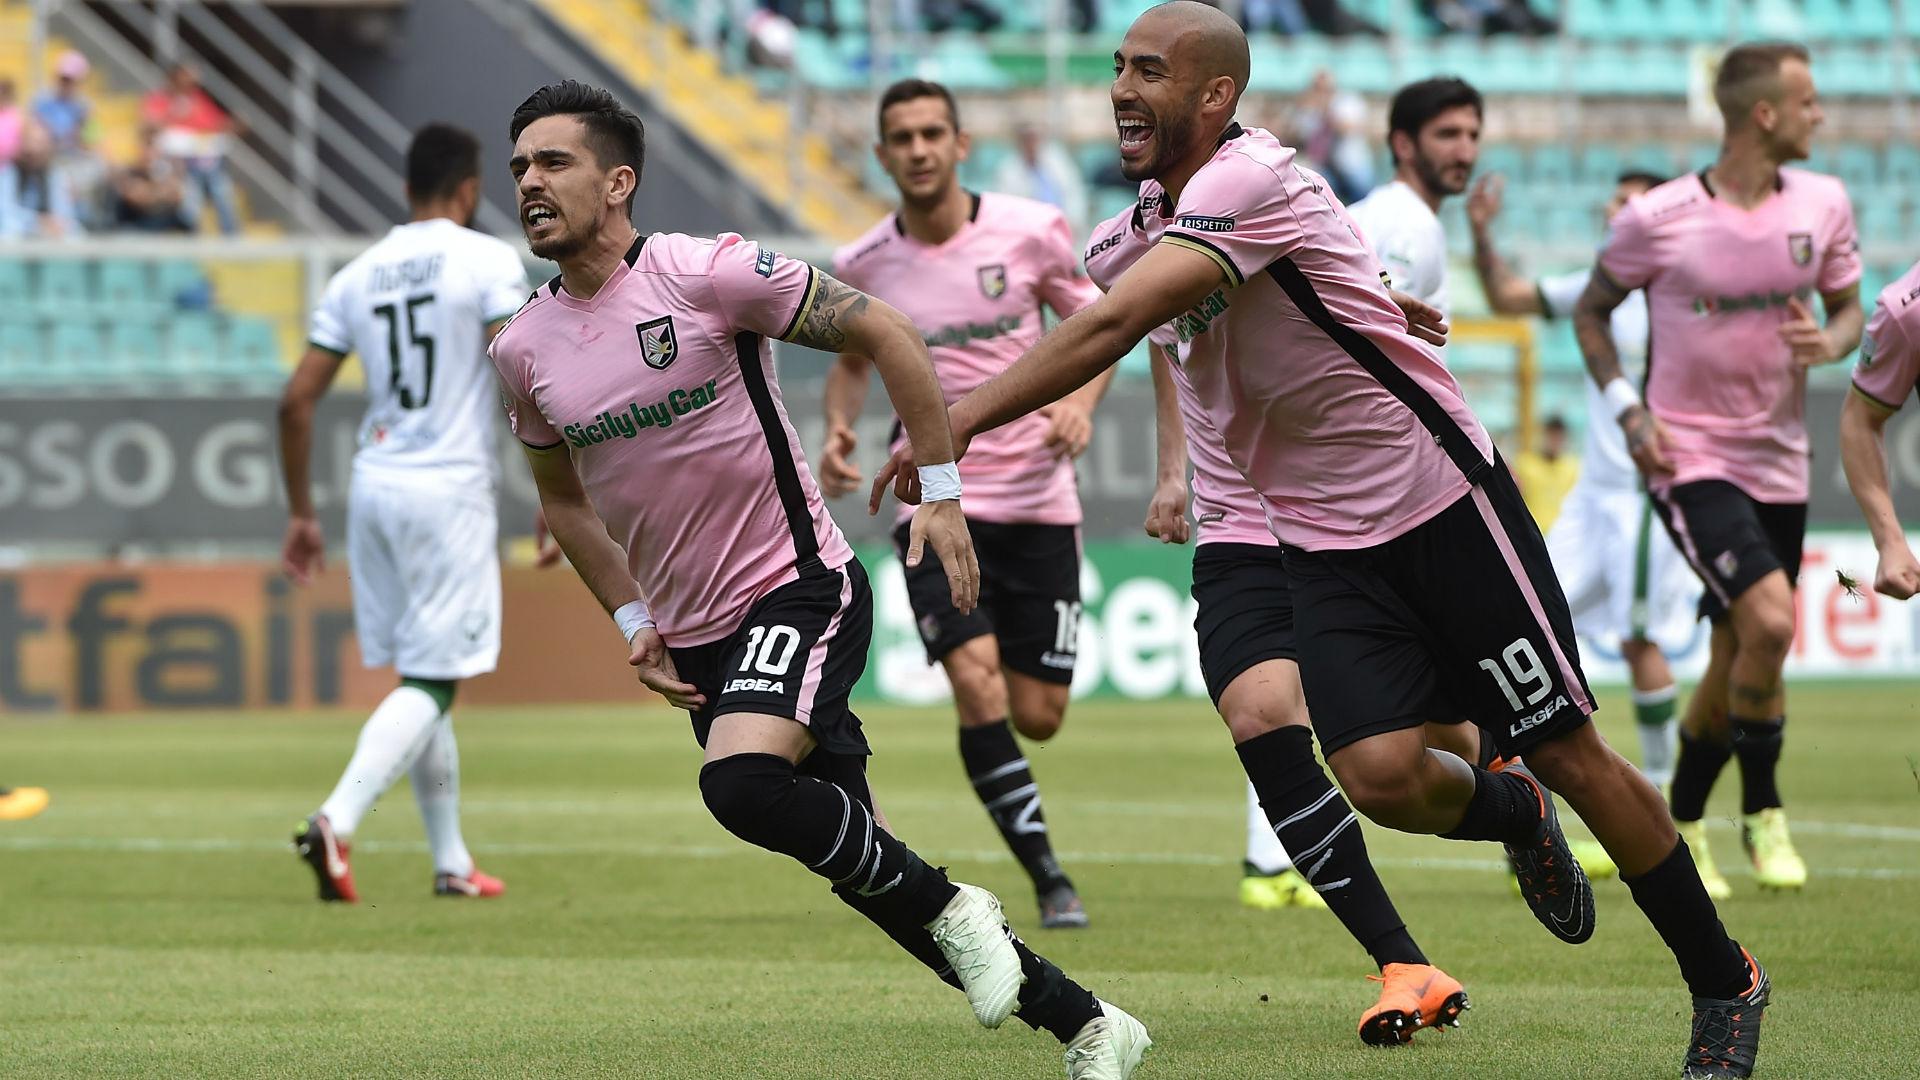 Il derby va alla Ternana: successo in rimonta sul Perugia